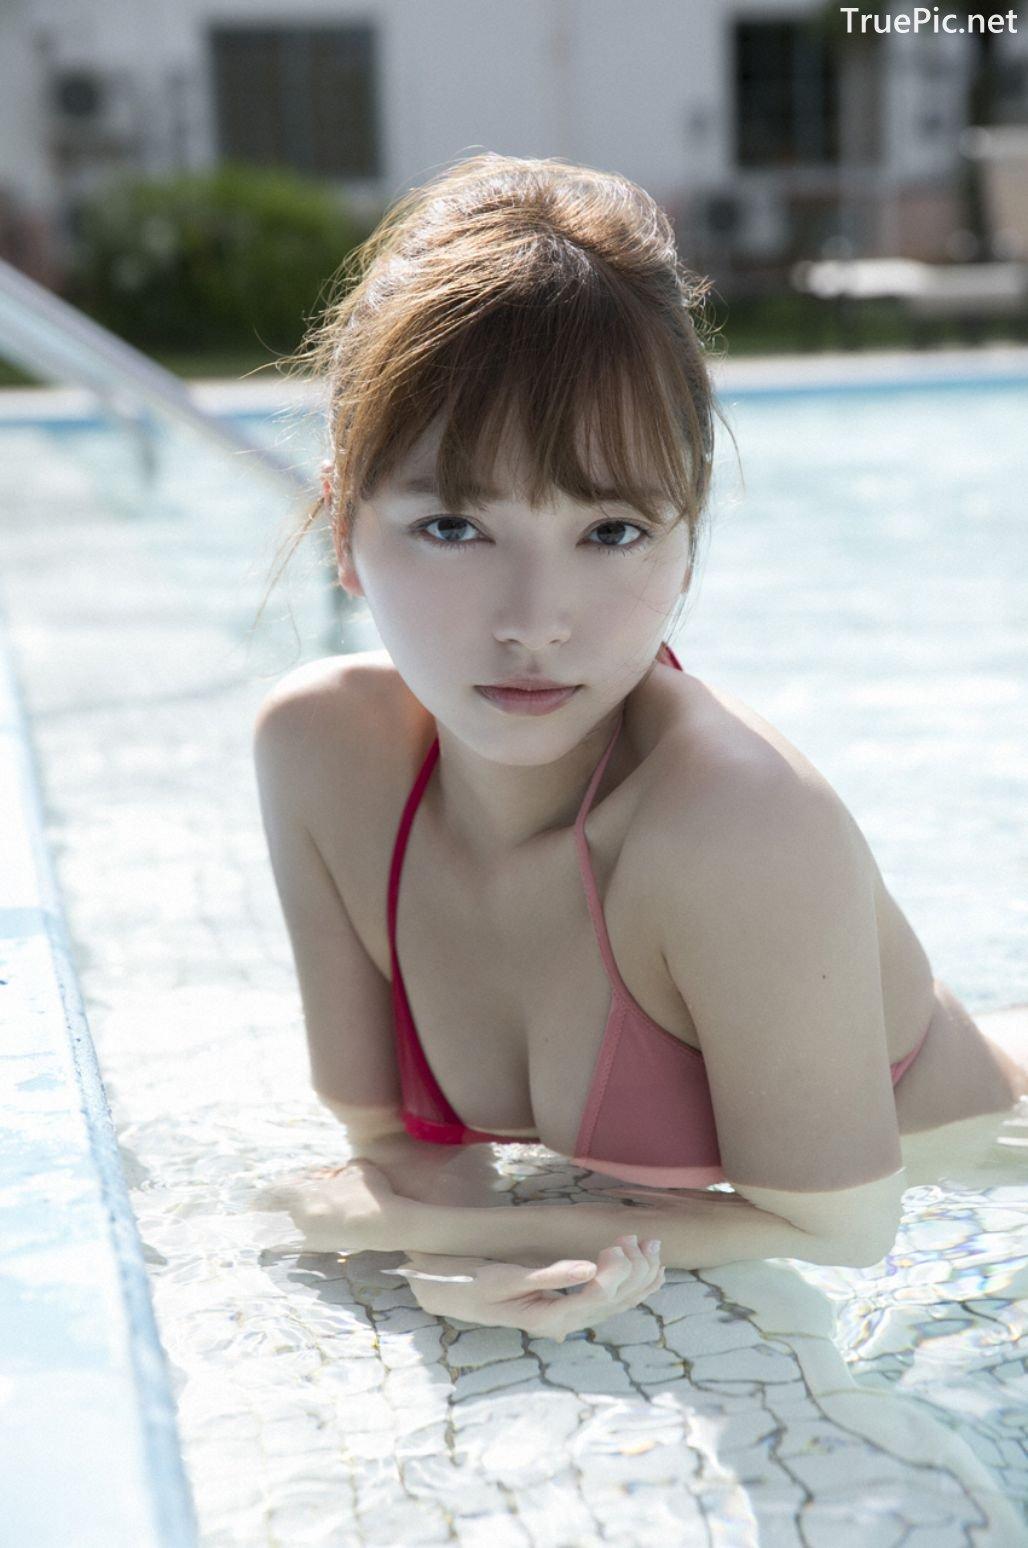 Image-Japanese-Idol-Sayaka-Komuro-Bikini-Show-TruePic.net- Picture-5